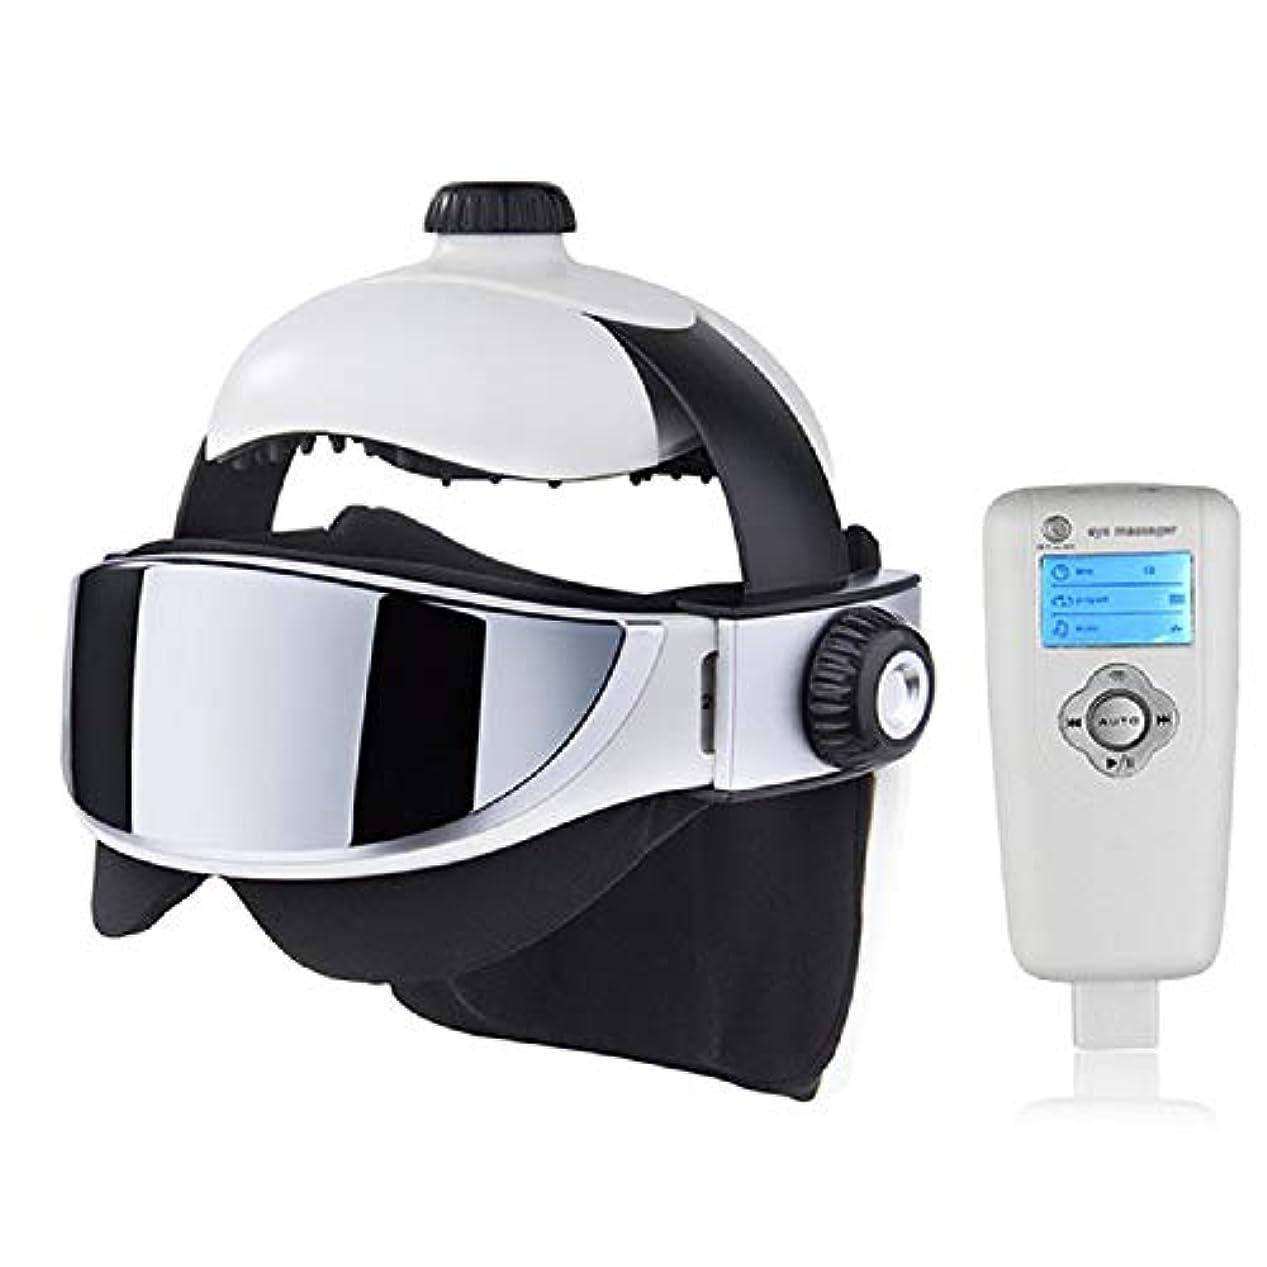 風刺誇りスズメバチ1のヘッドマッサージャー、アイマッサージャー2、ストレスを解消睡眠音楽マッサージヘルメット、自動赤外線圧力ヘッドマッサージ